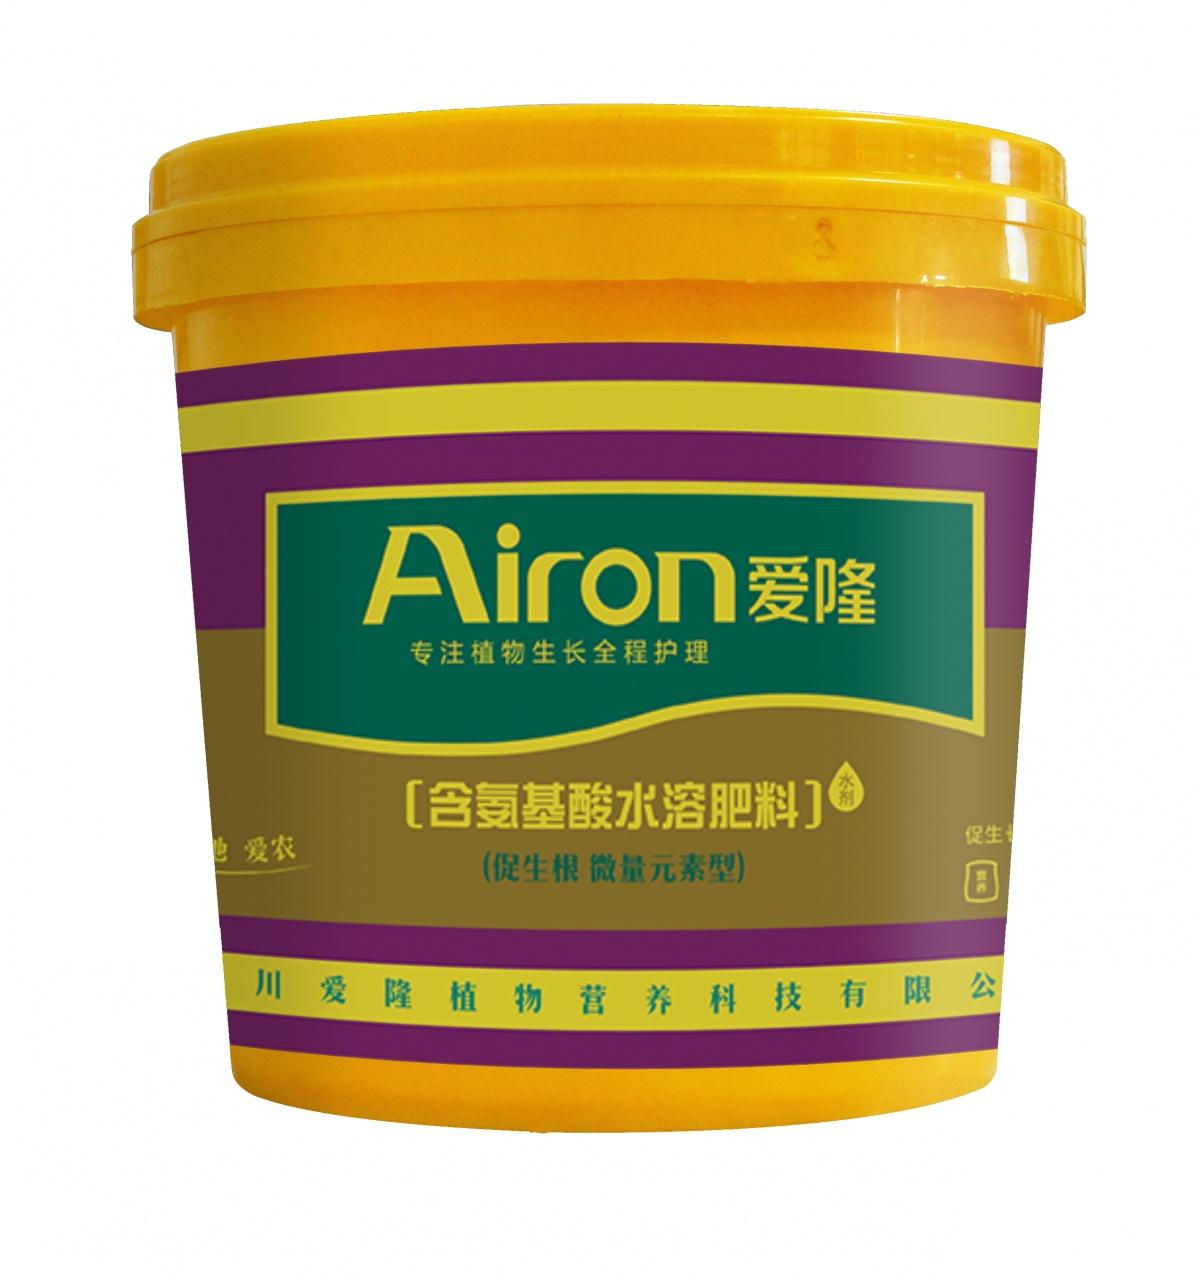 含氨基酸水溶肥5KG(1)_看图王.jpg